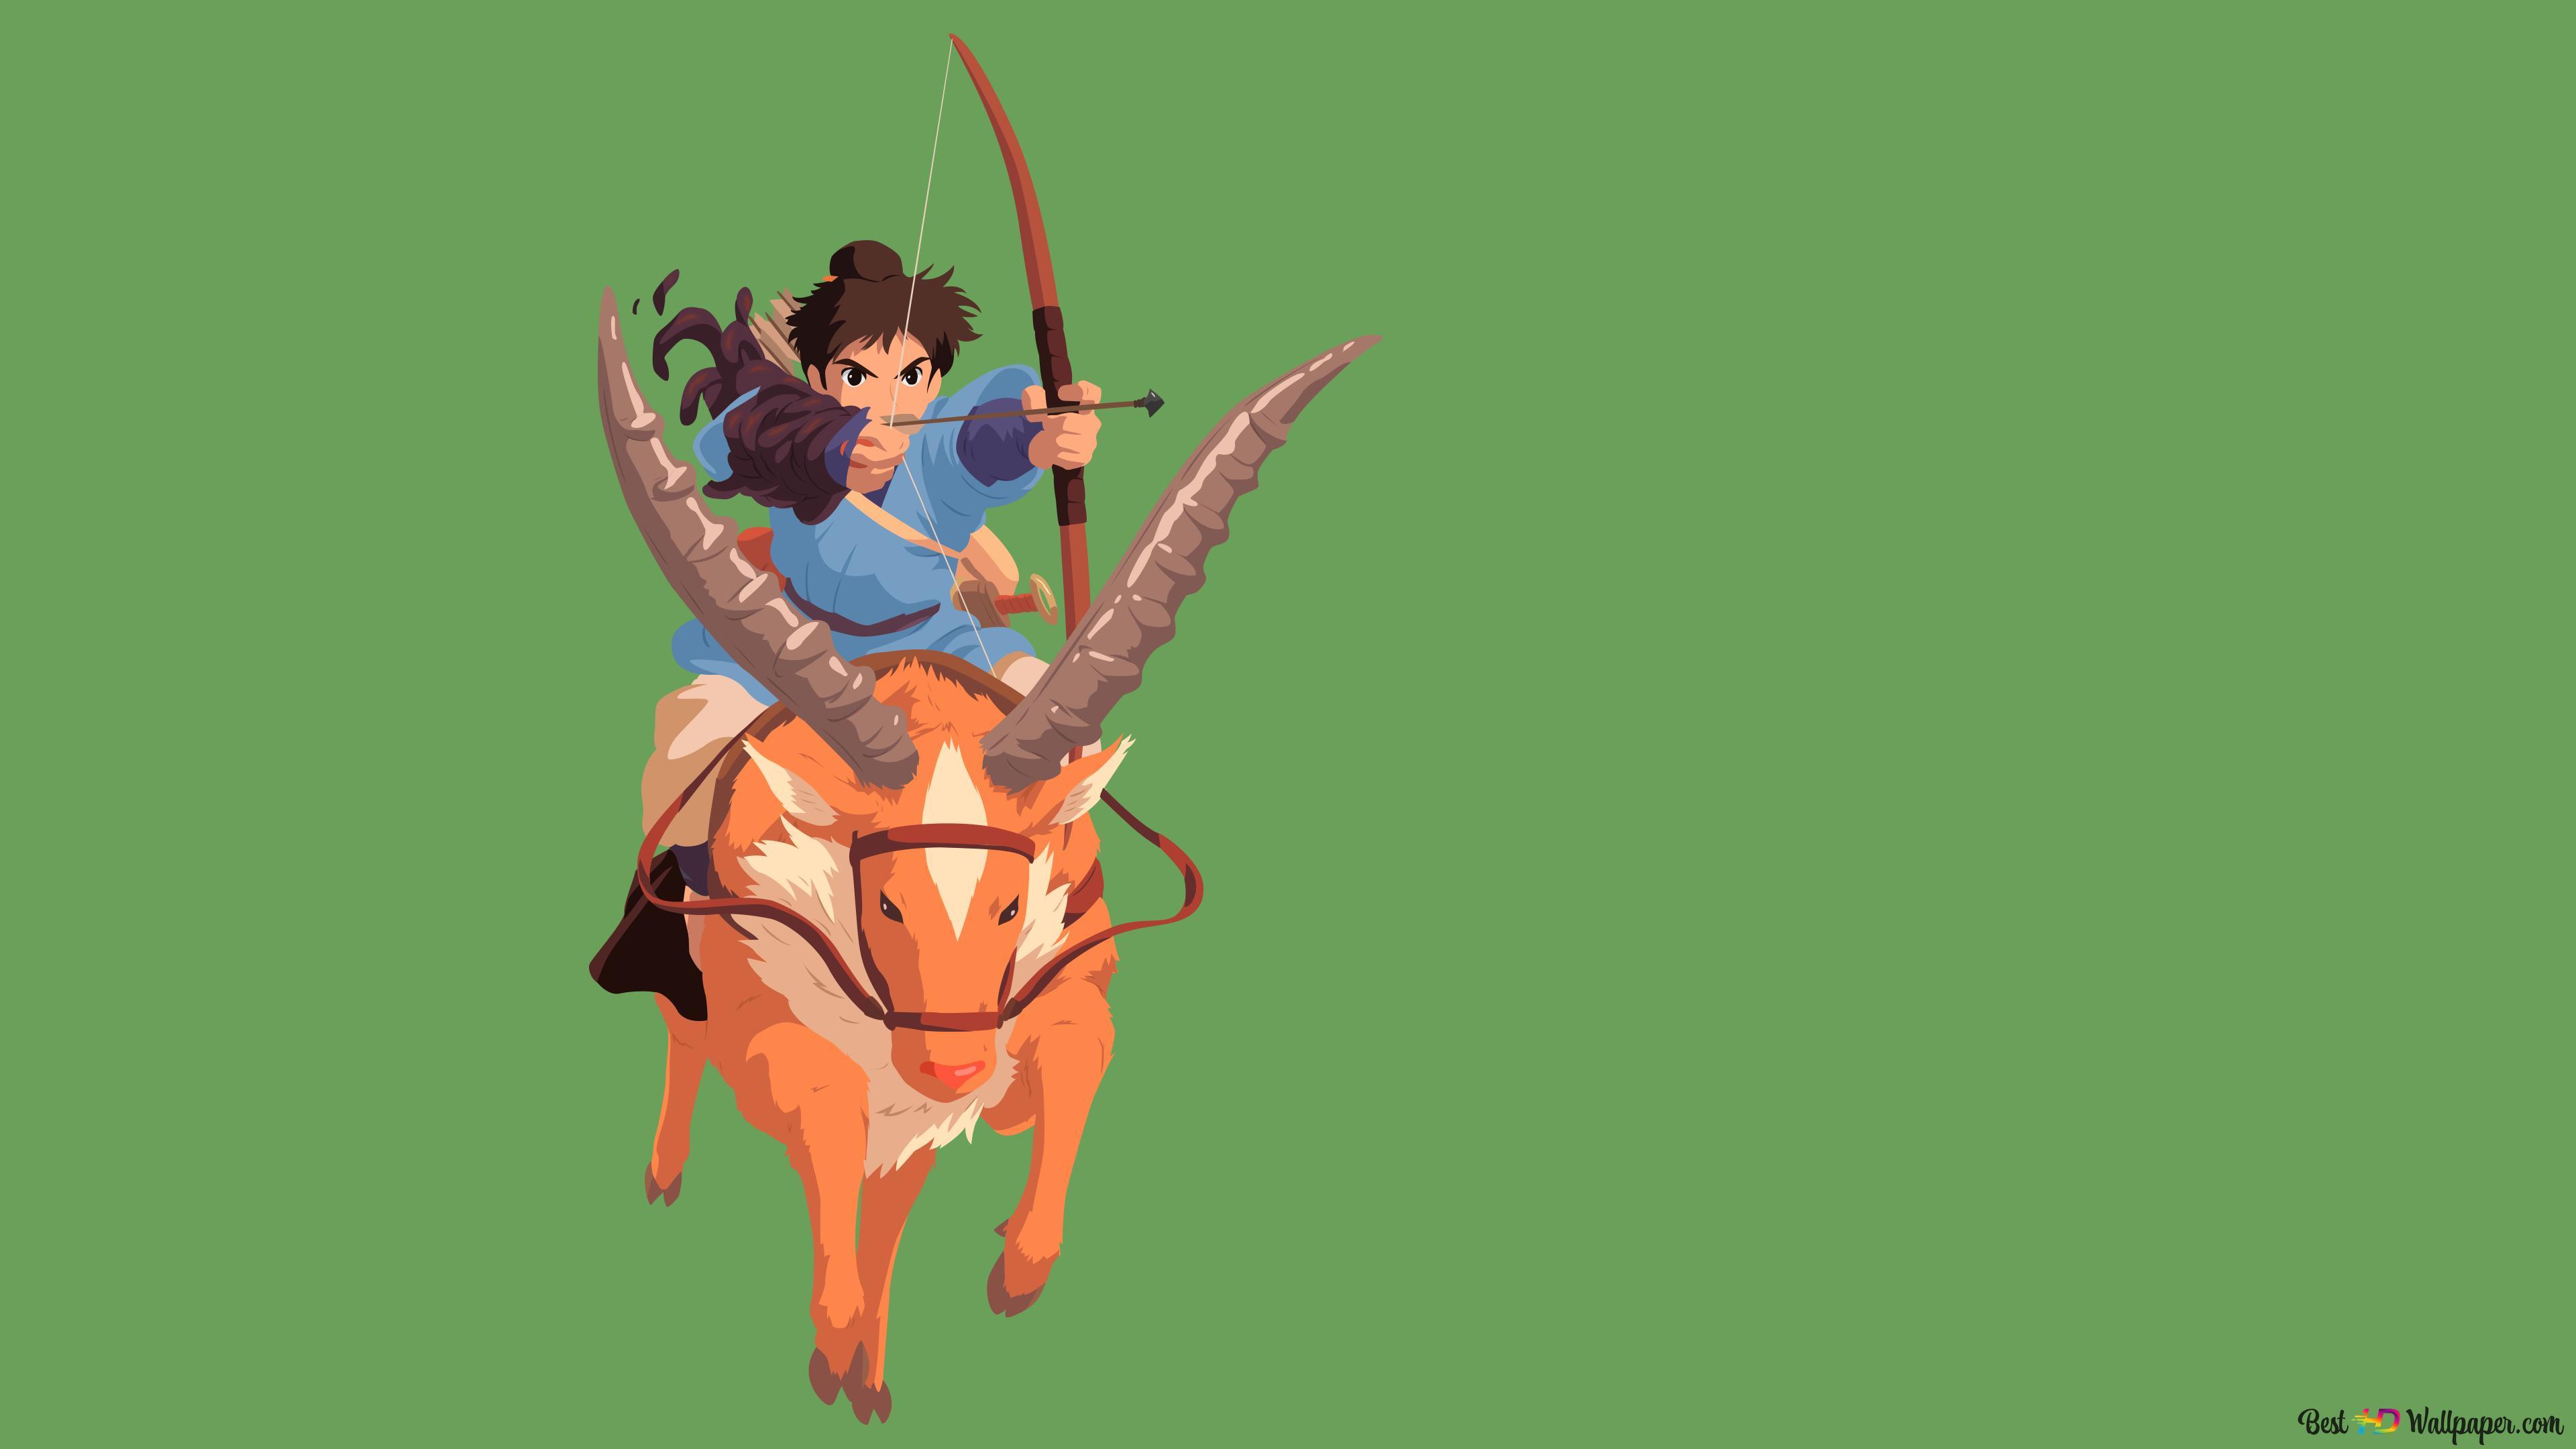 Princess Mononoke Ashitaka Hd Wallpaper Download